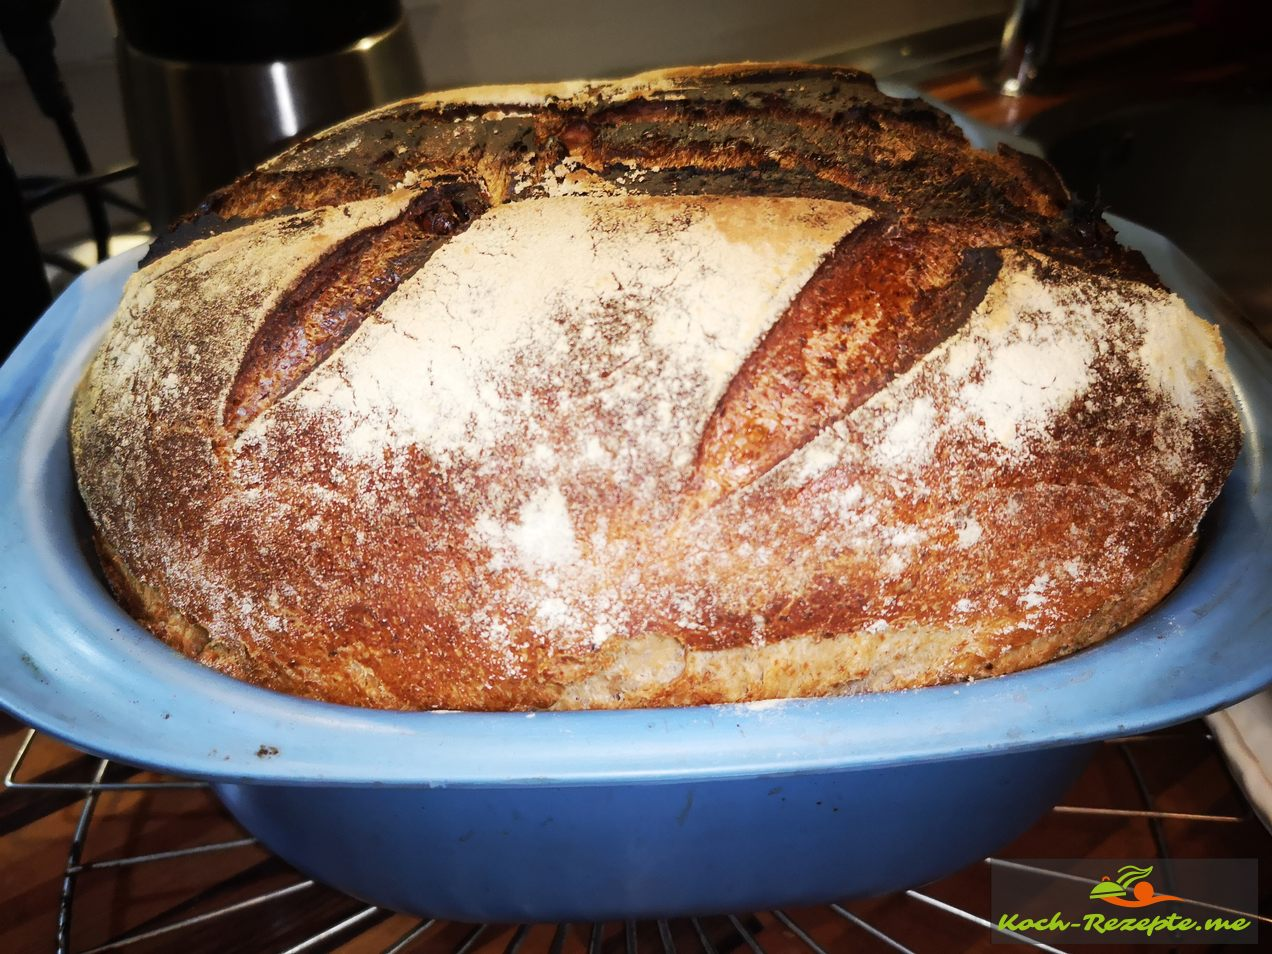 Das fertige Brot nach 65 Minuten